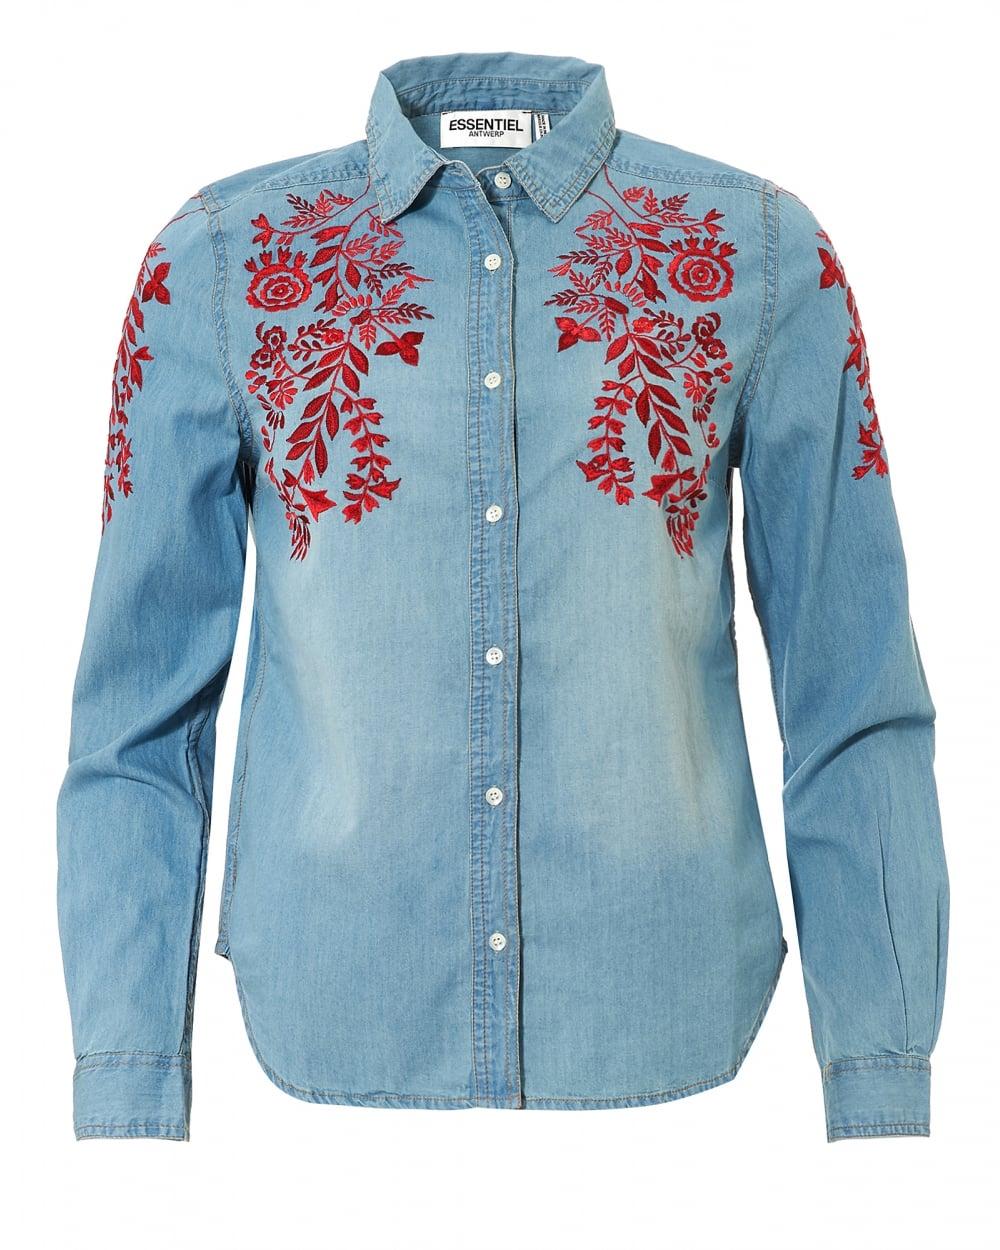 Essentiel antwerp womens odela flower embroidered denim shirt